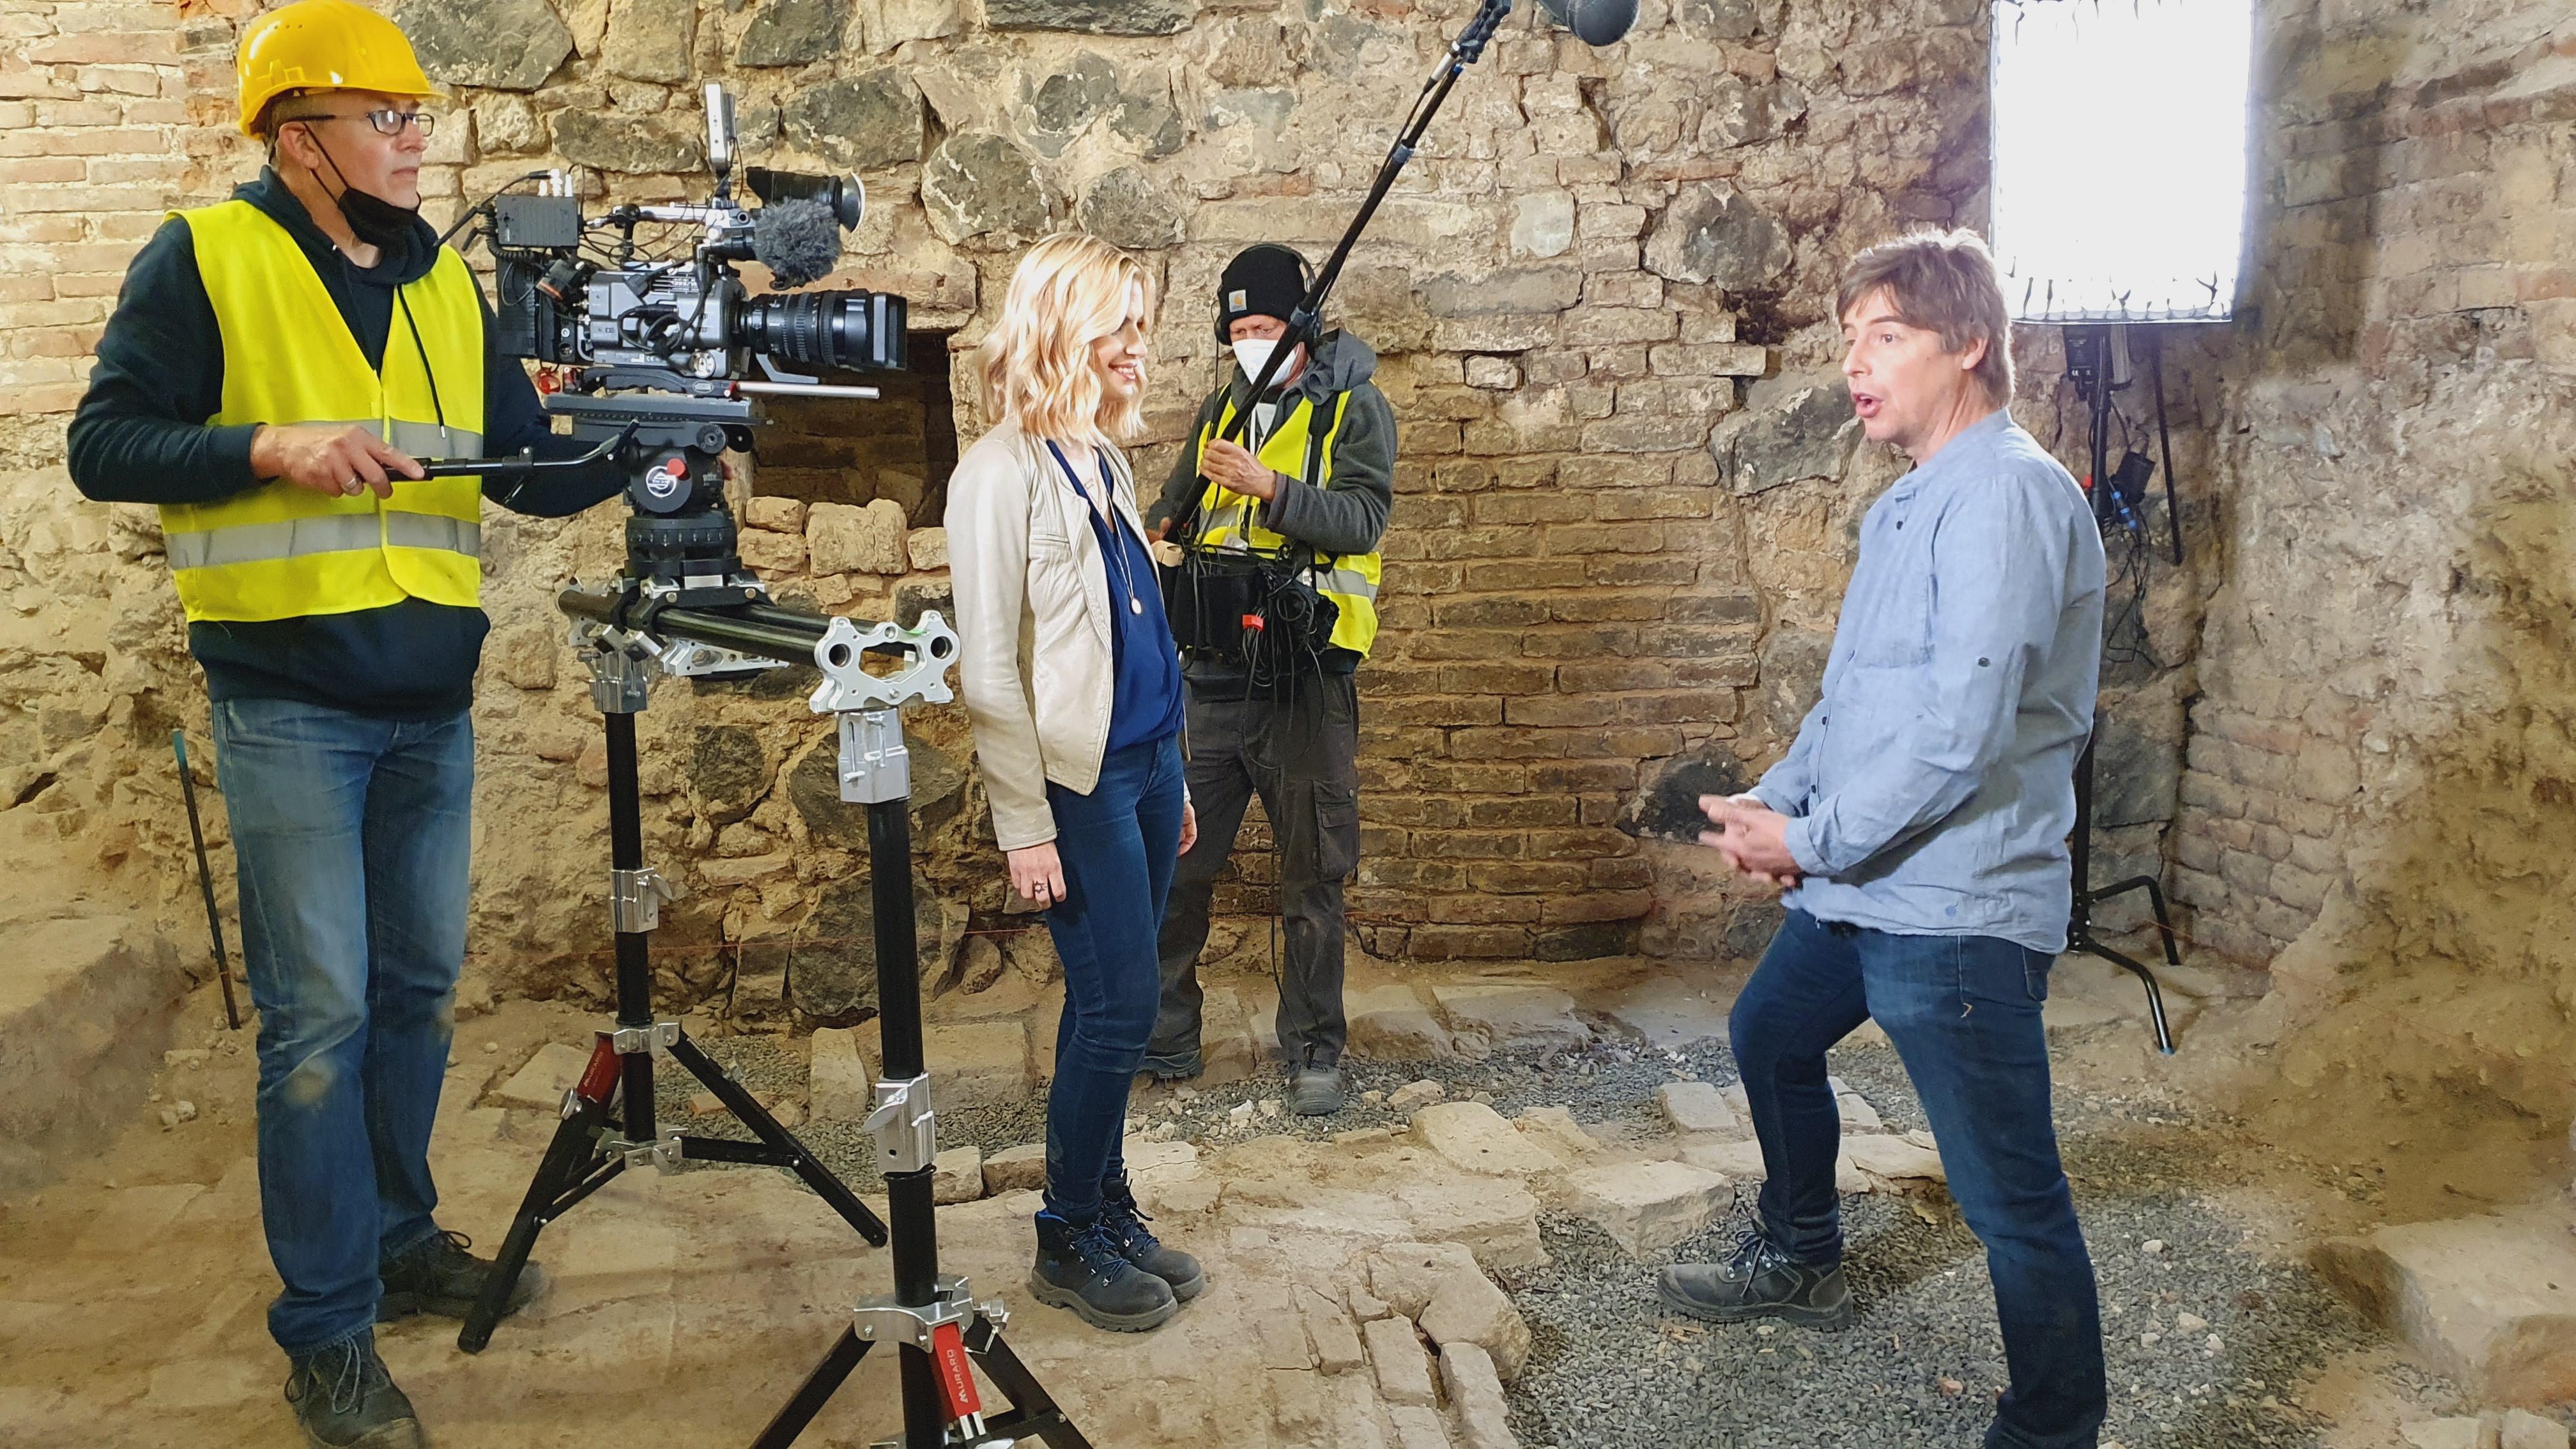 Das Bild zeigt die Situation der Filmaufnahme: Das Kamerateam mit Equipment nimmt das Interview mitten in archäologischen Befunden auf.